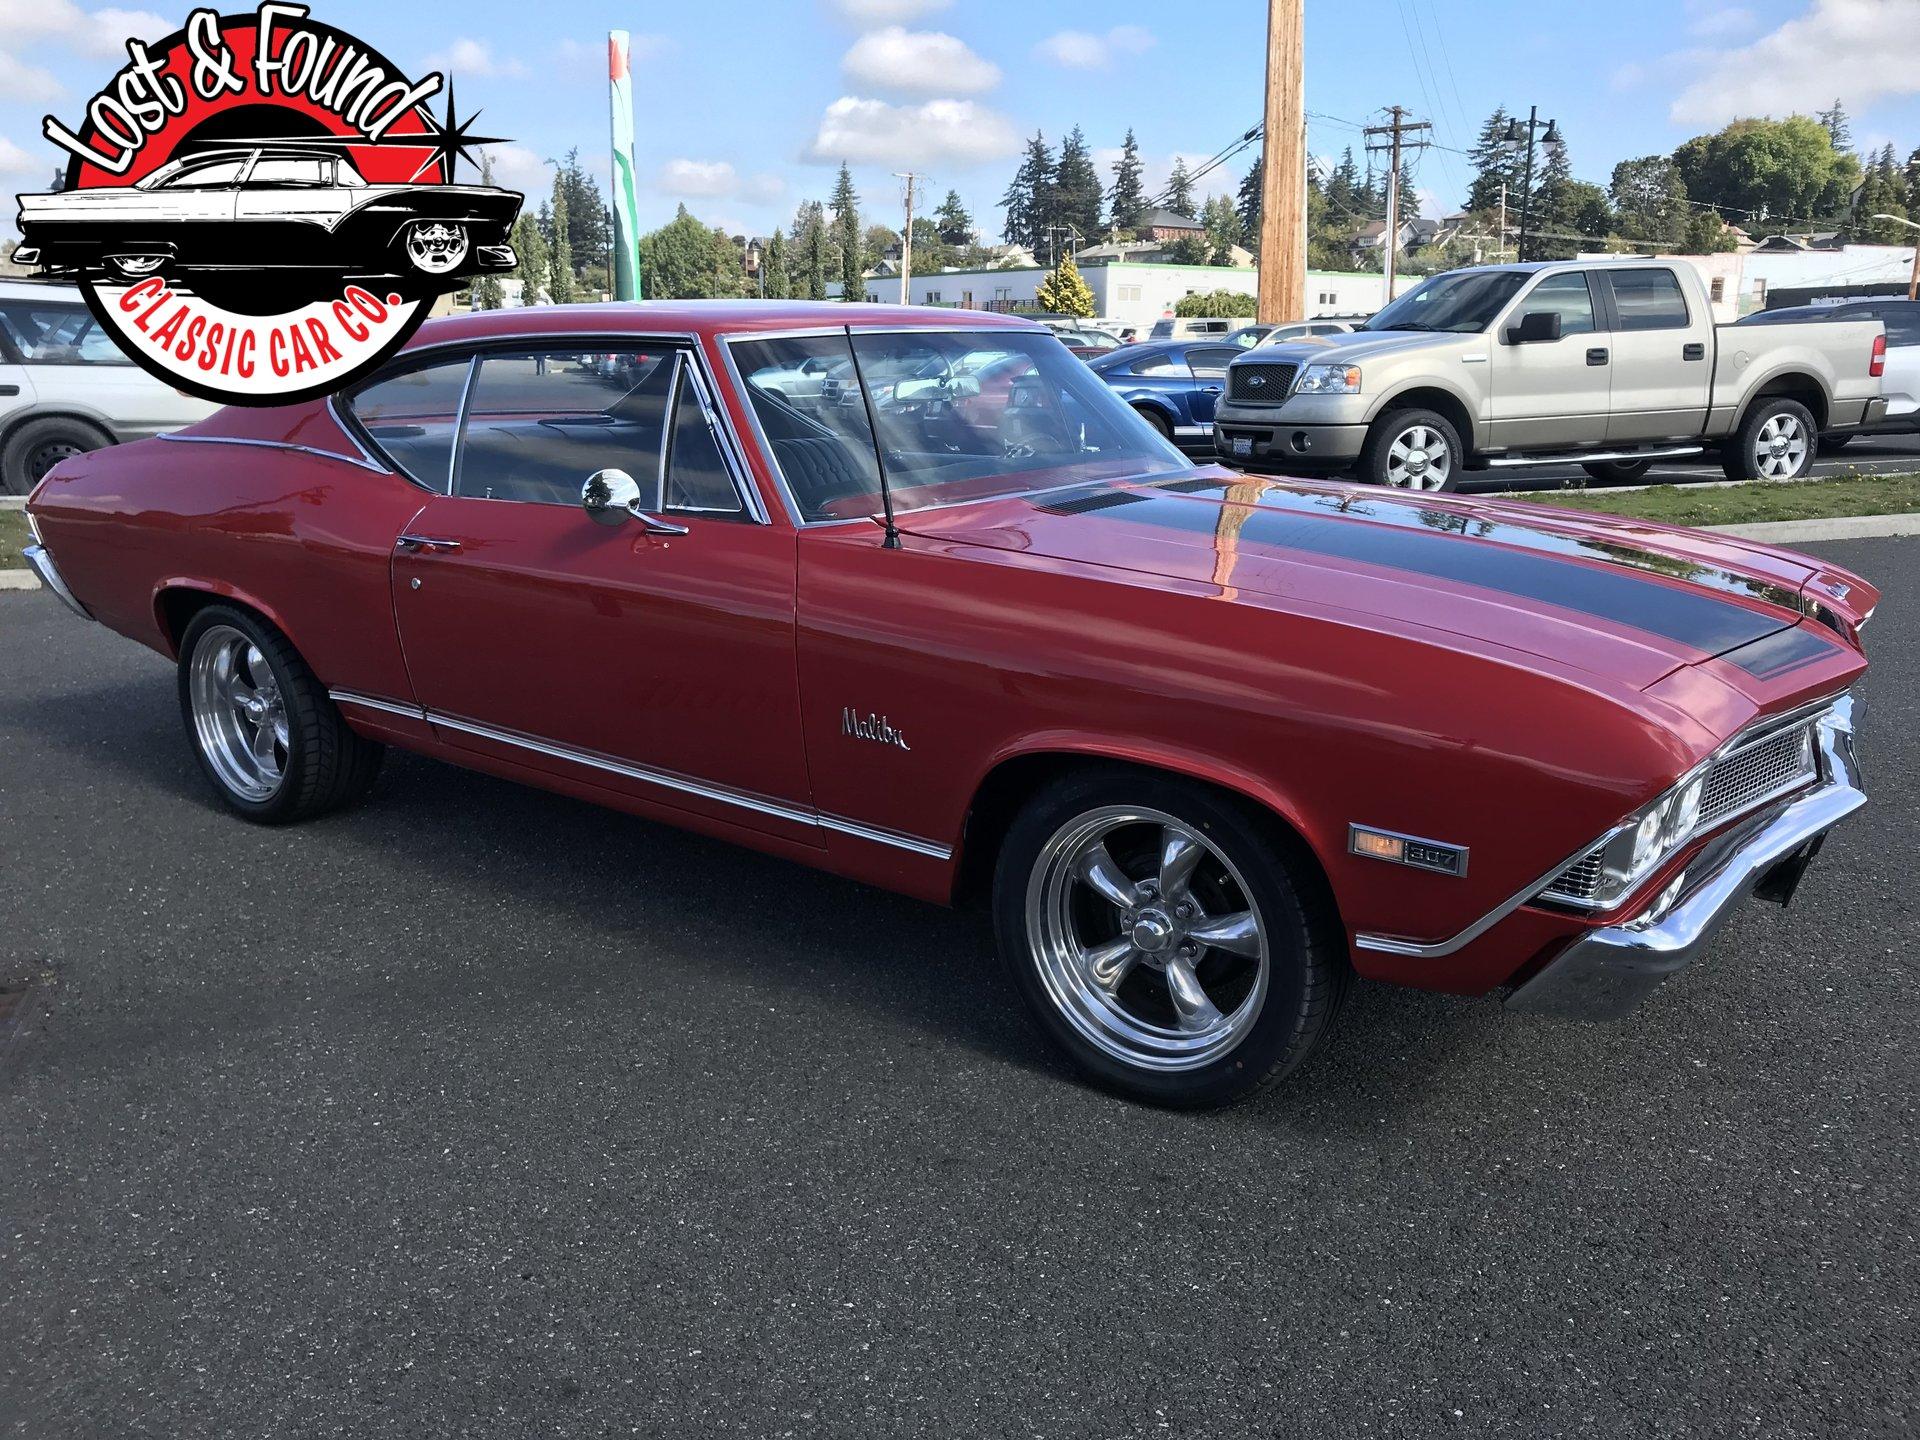 1968 Chevrolet Chevelle Malibu Lost Amp Found Classic